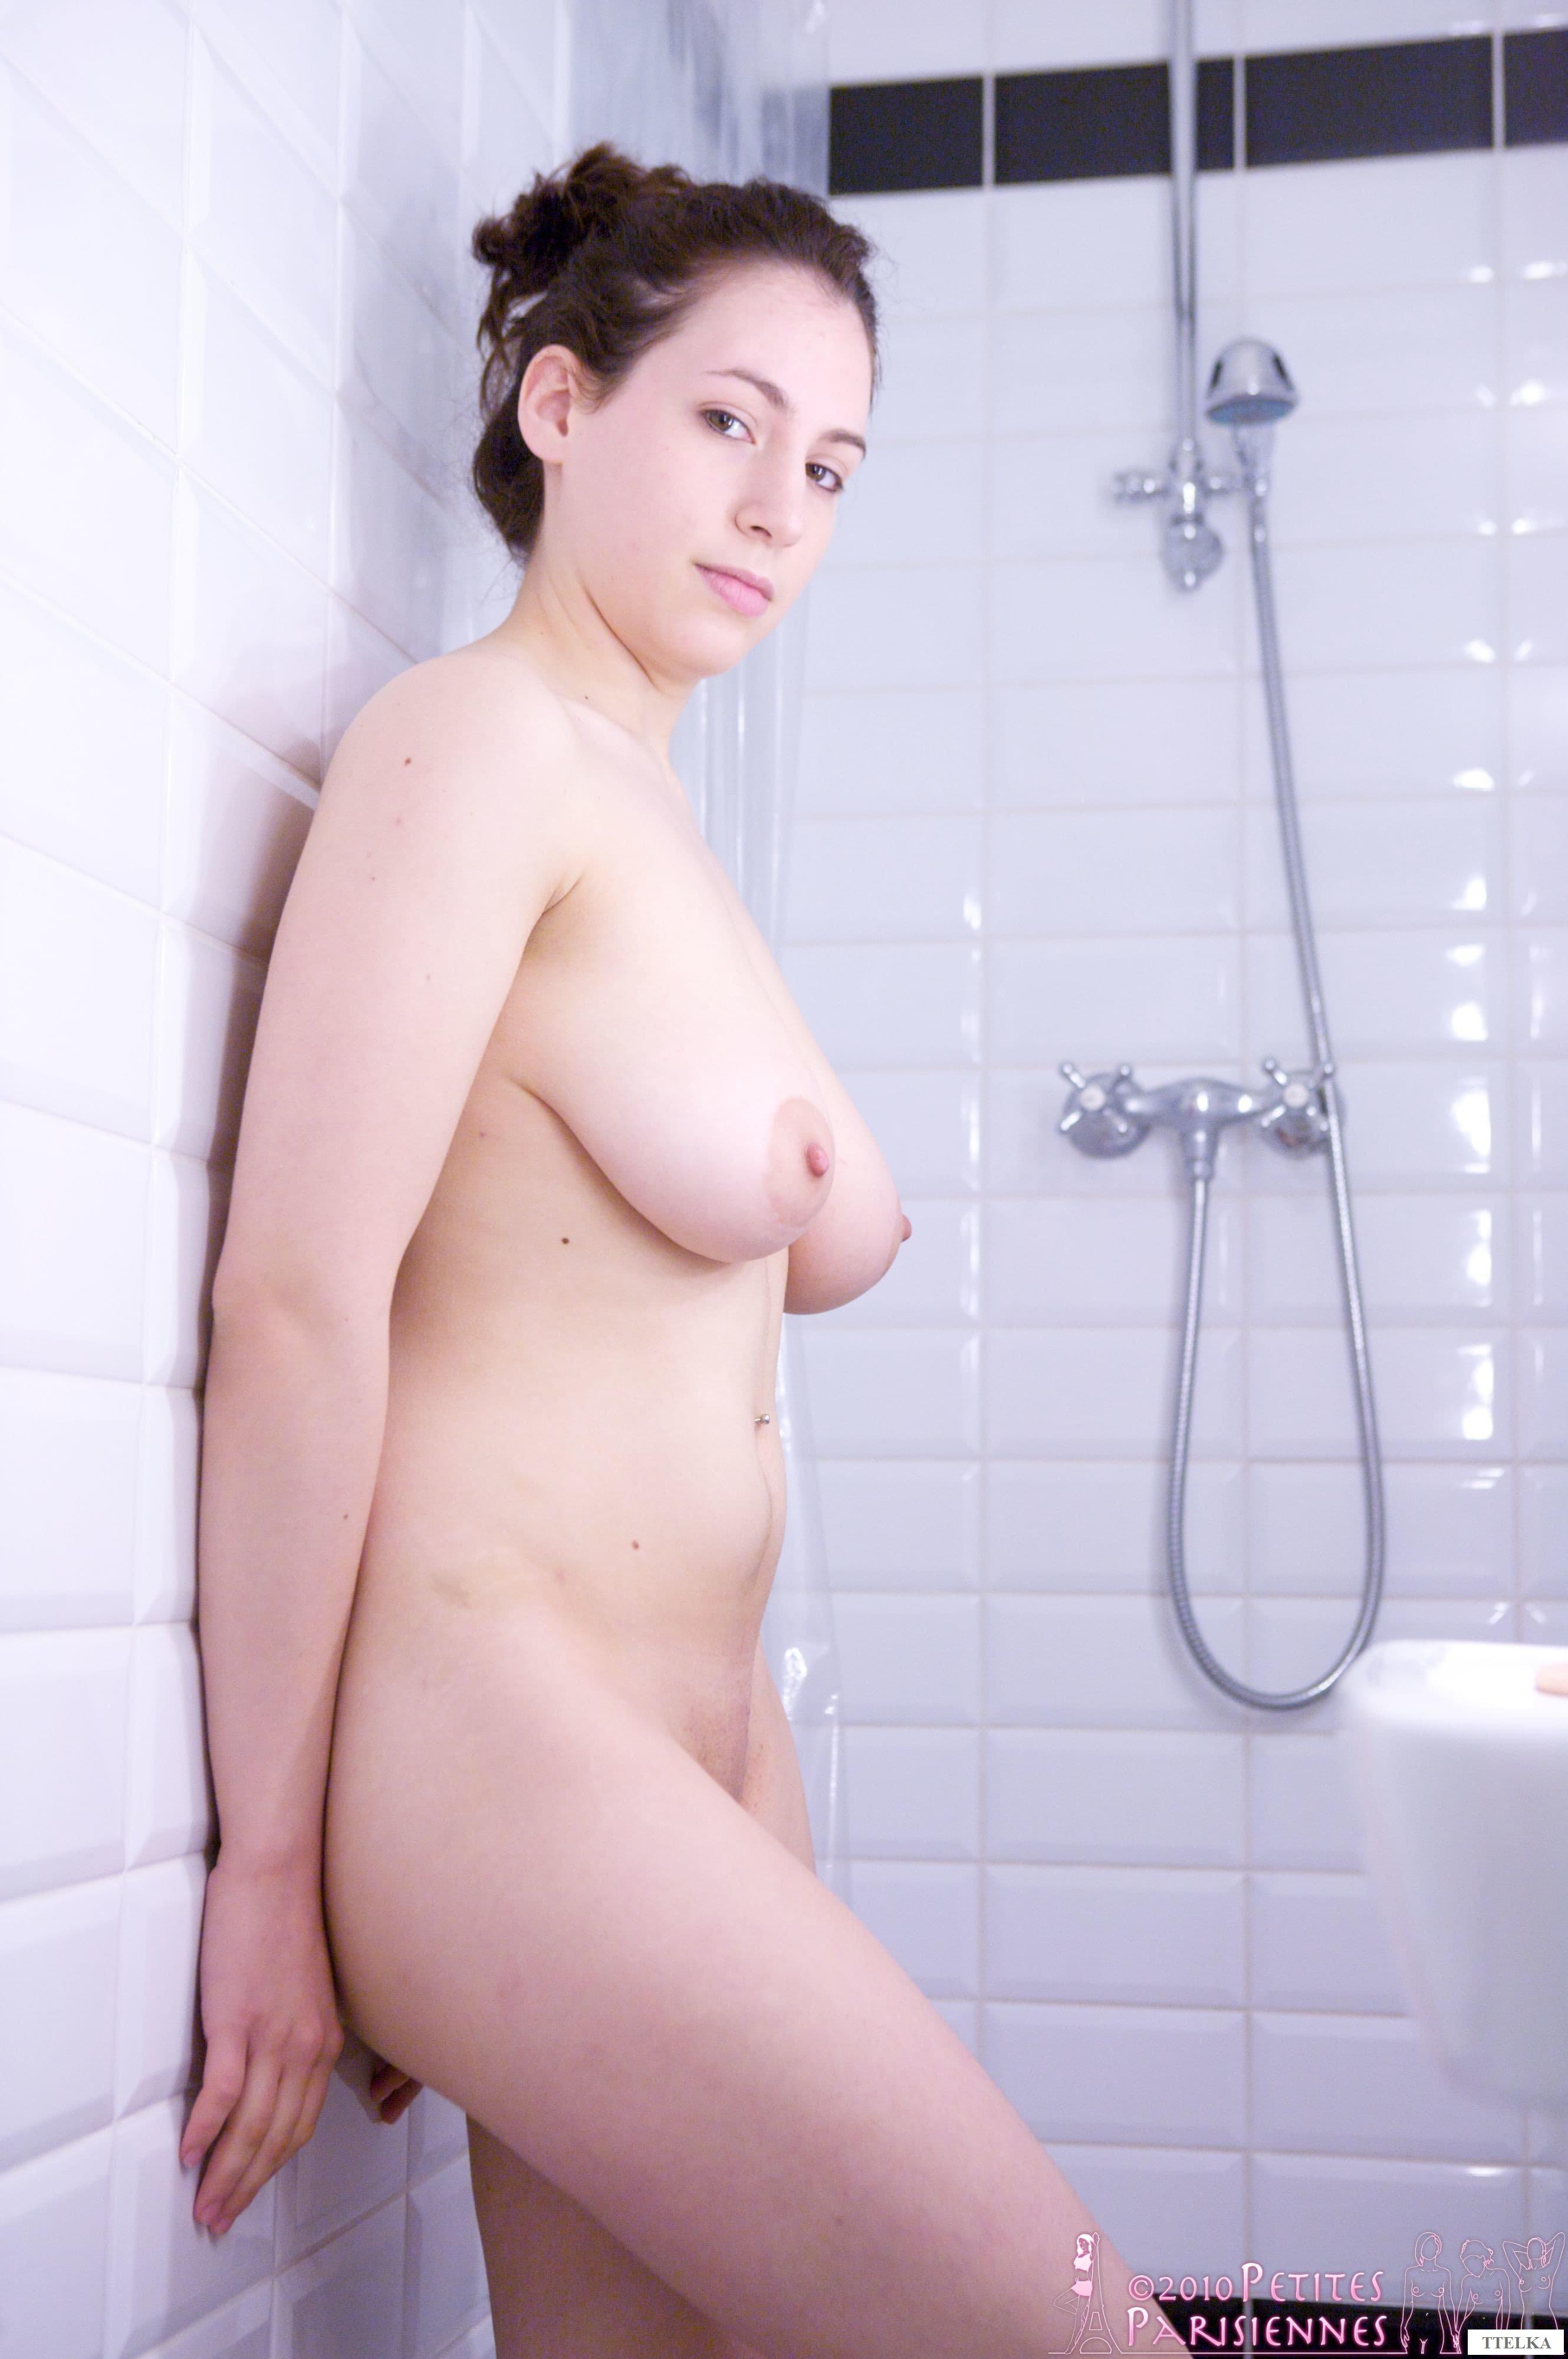 просто порно девушки мастурбируют мужчинам принимаю. Вопрос интересен